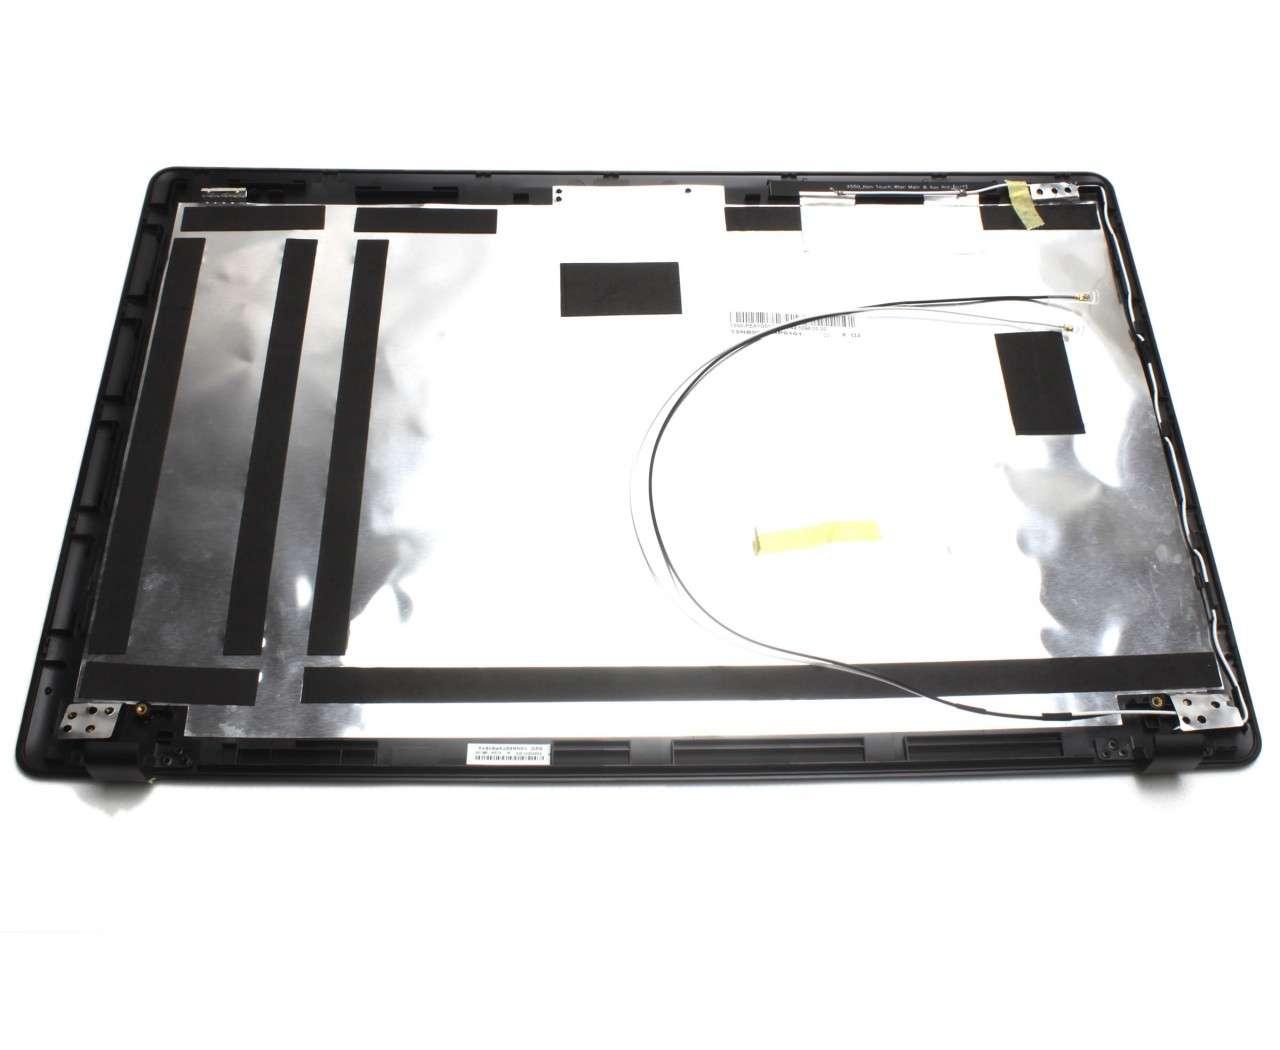 Capac Display BackCover Asus X550ZE Carcasa Display imagine powerlaptop.ro 2021